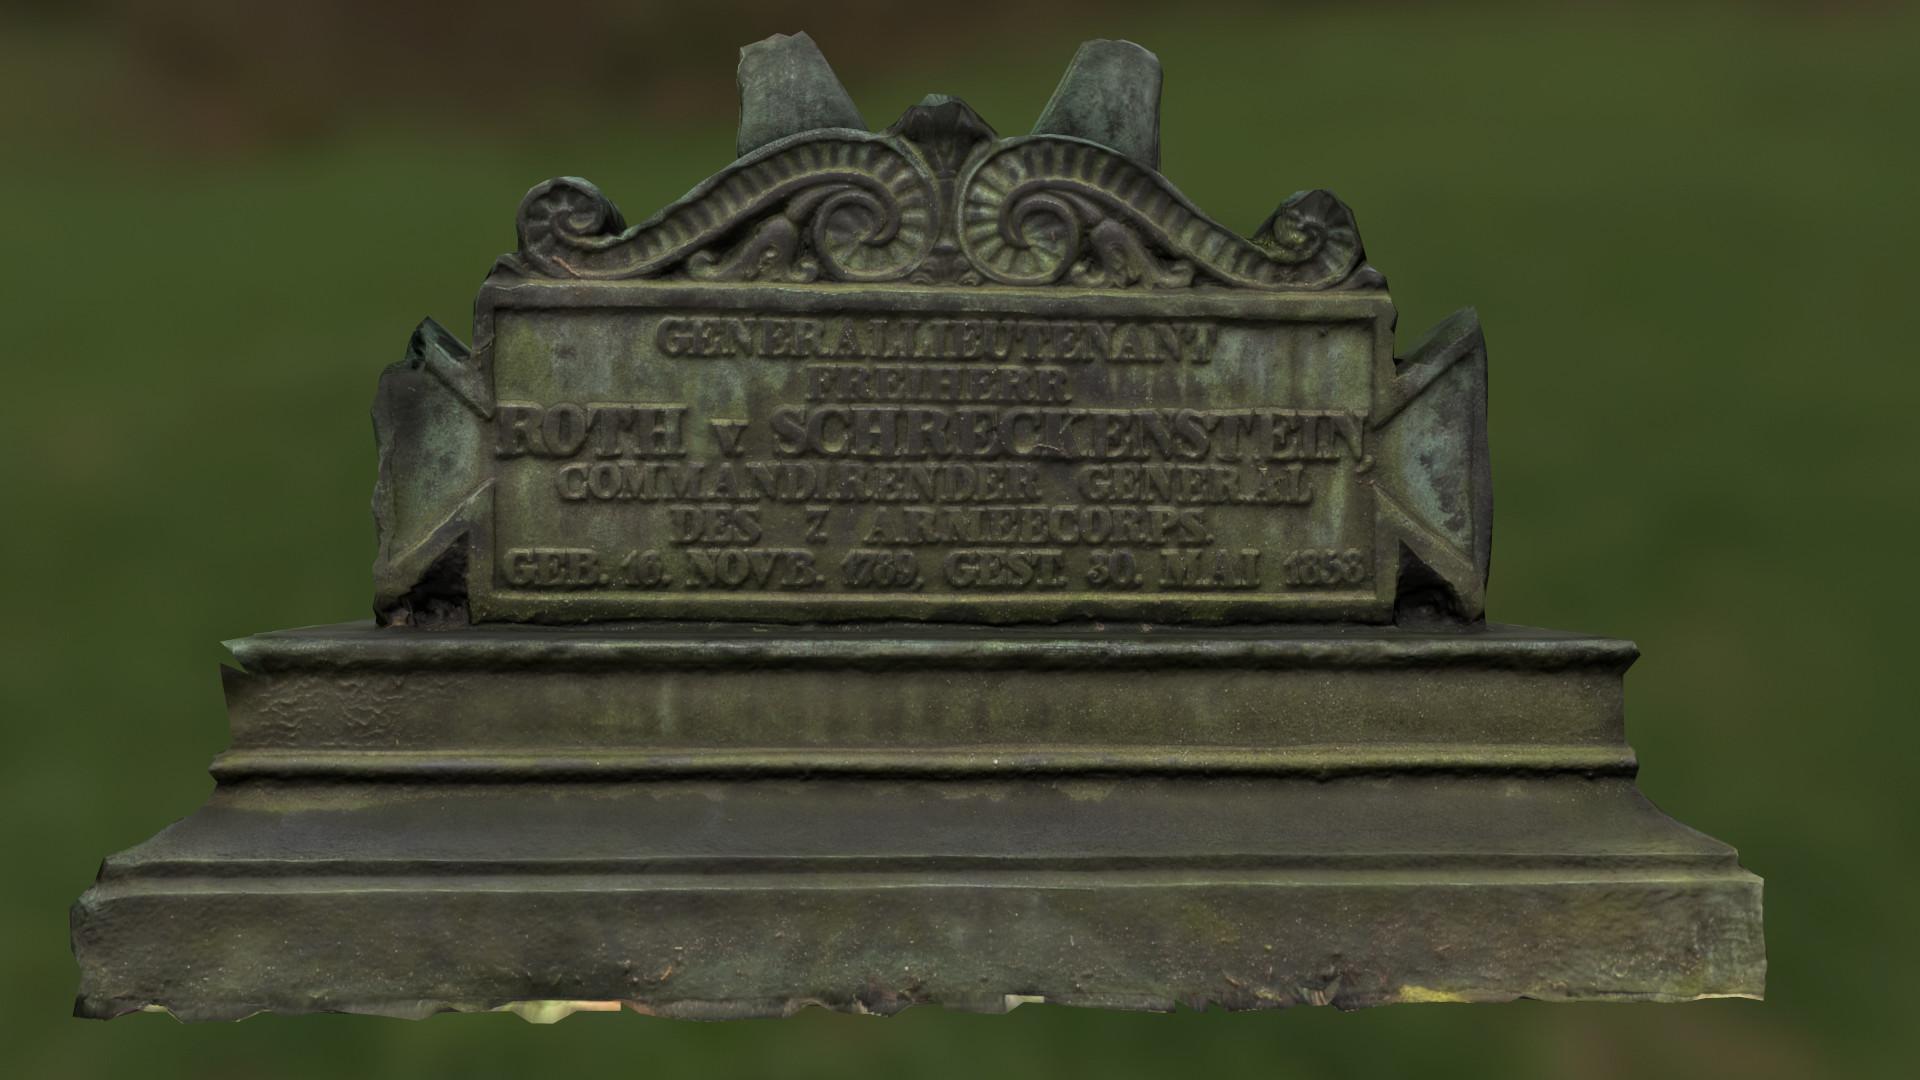 Rank, birth and death date of von Schreckenstein